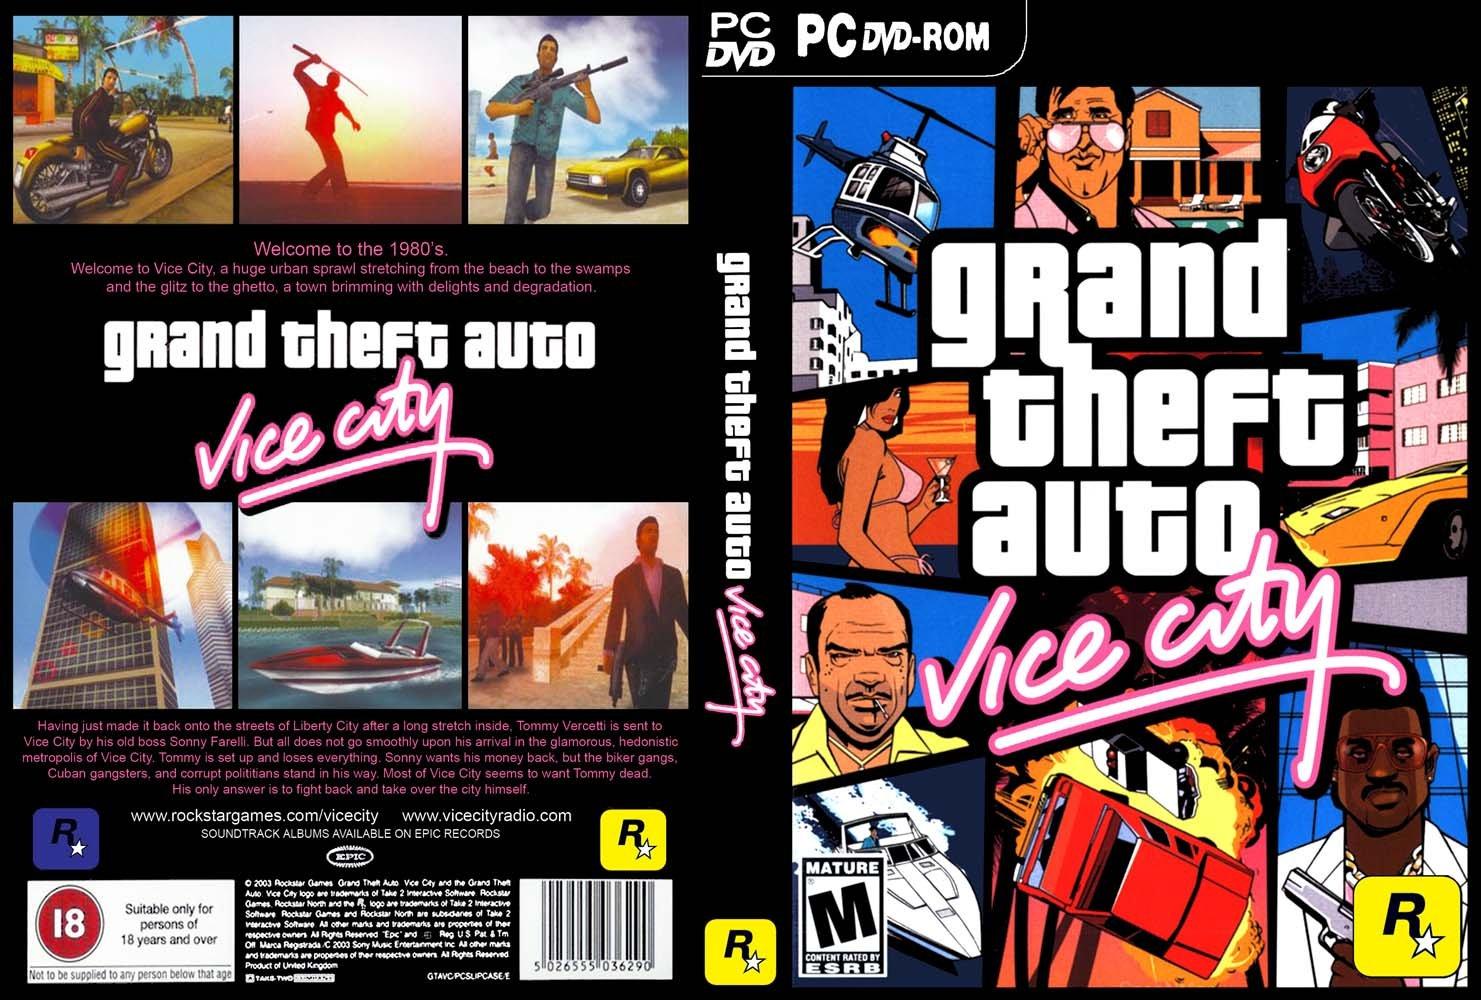 http://4.bp.blogspot.com/_77kBhwDIQ_s/TKvq6GQKXsI/AAAAAAAAAEM/eH5aRcRvhd8/s1600/Gta_Vice_City_Dvd_custom-front.jpg